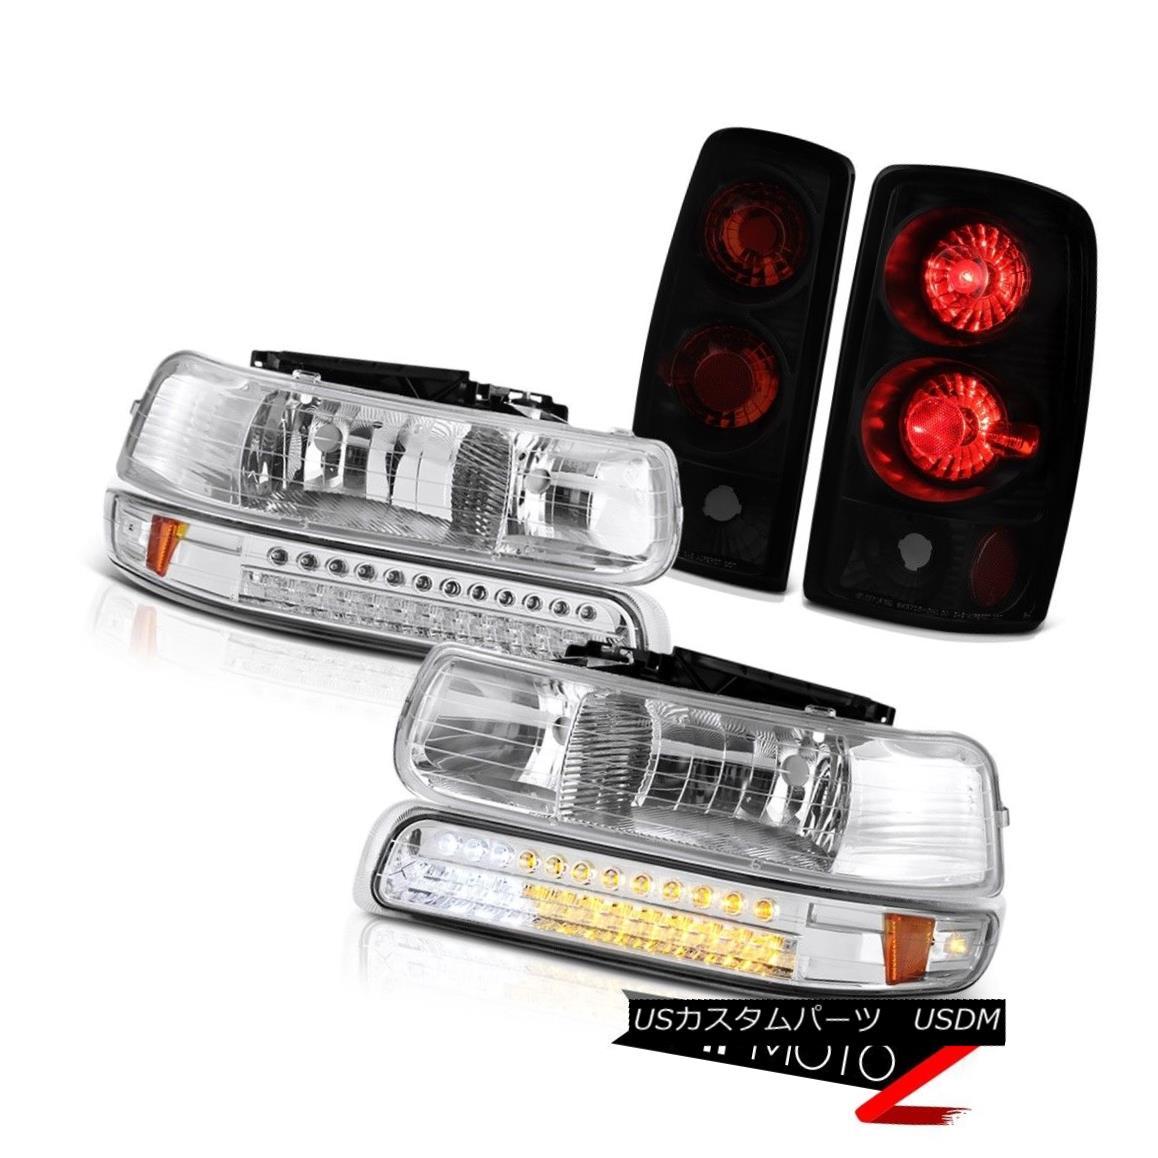 テールライト 2000-2006 Chevy Suburban 5.7L LED Signal DRL Headlights Taillight Sinister Black 2000-2006シボレー郊外5.7L LED信号DRLヘッドライトテールライトシニスターブラック